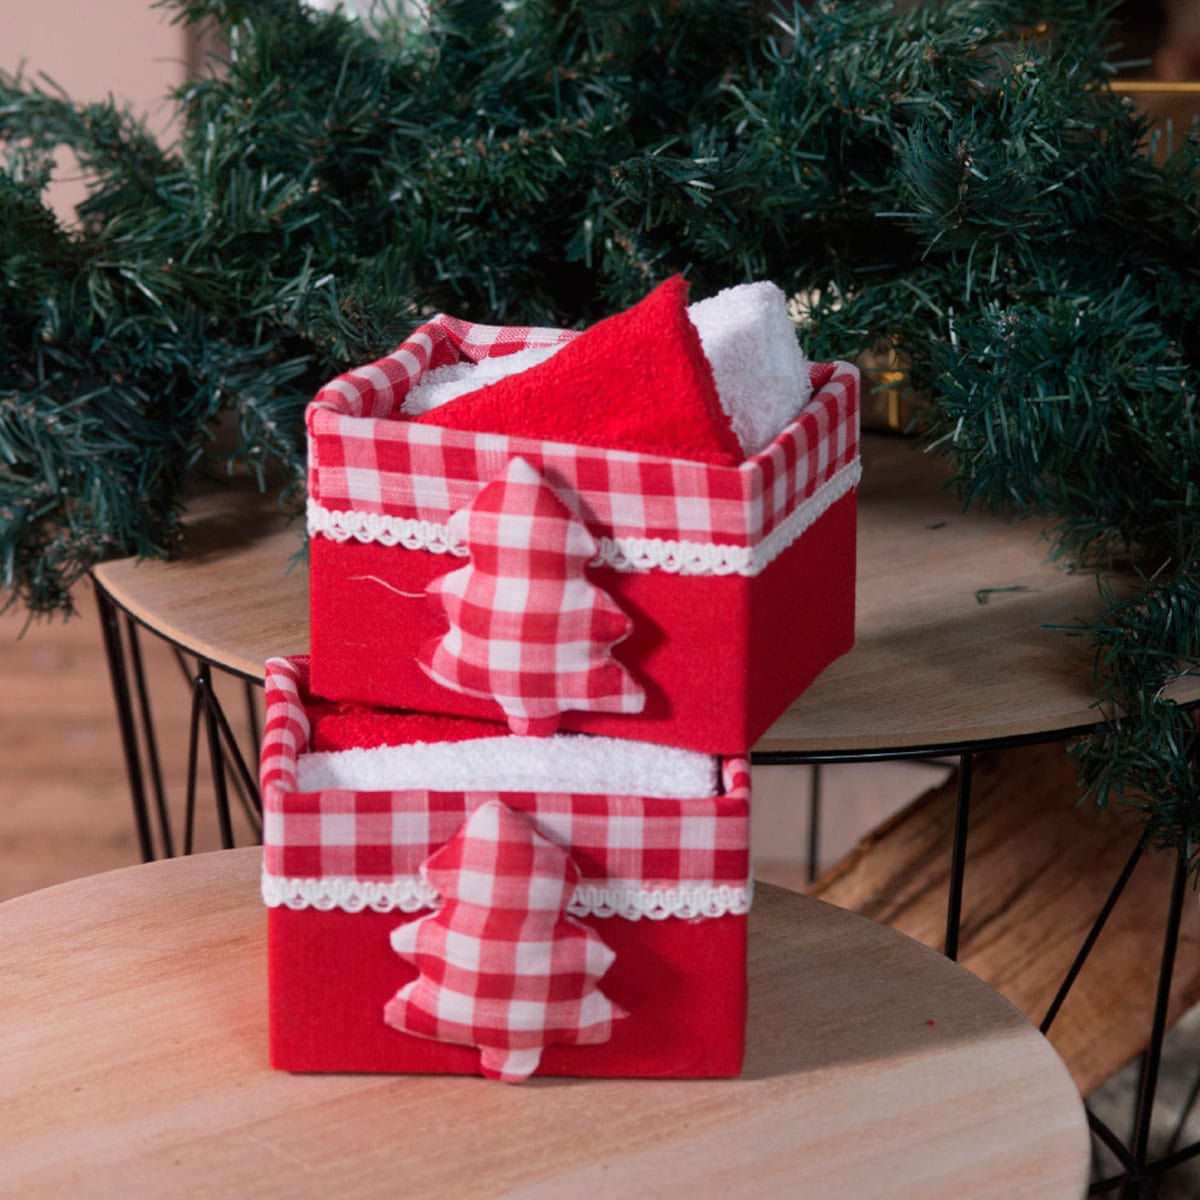 Λαβέτες Σετ 4τμχ Χριστουγεννιάτικες Σε Ξύλινο Κουτί Box 1012 Red-White Teoran Σετ Πετσέτες